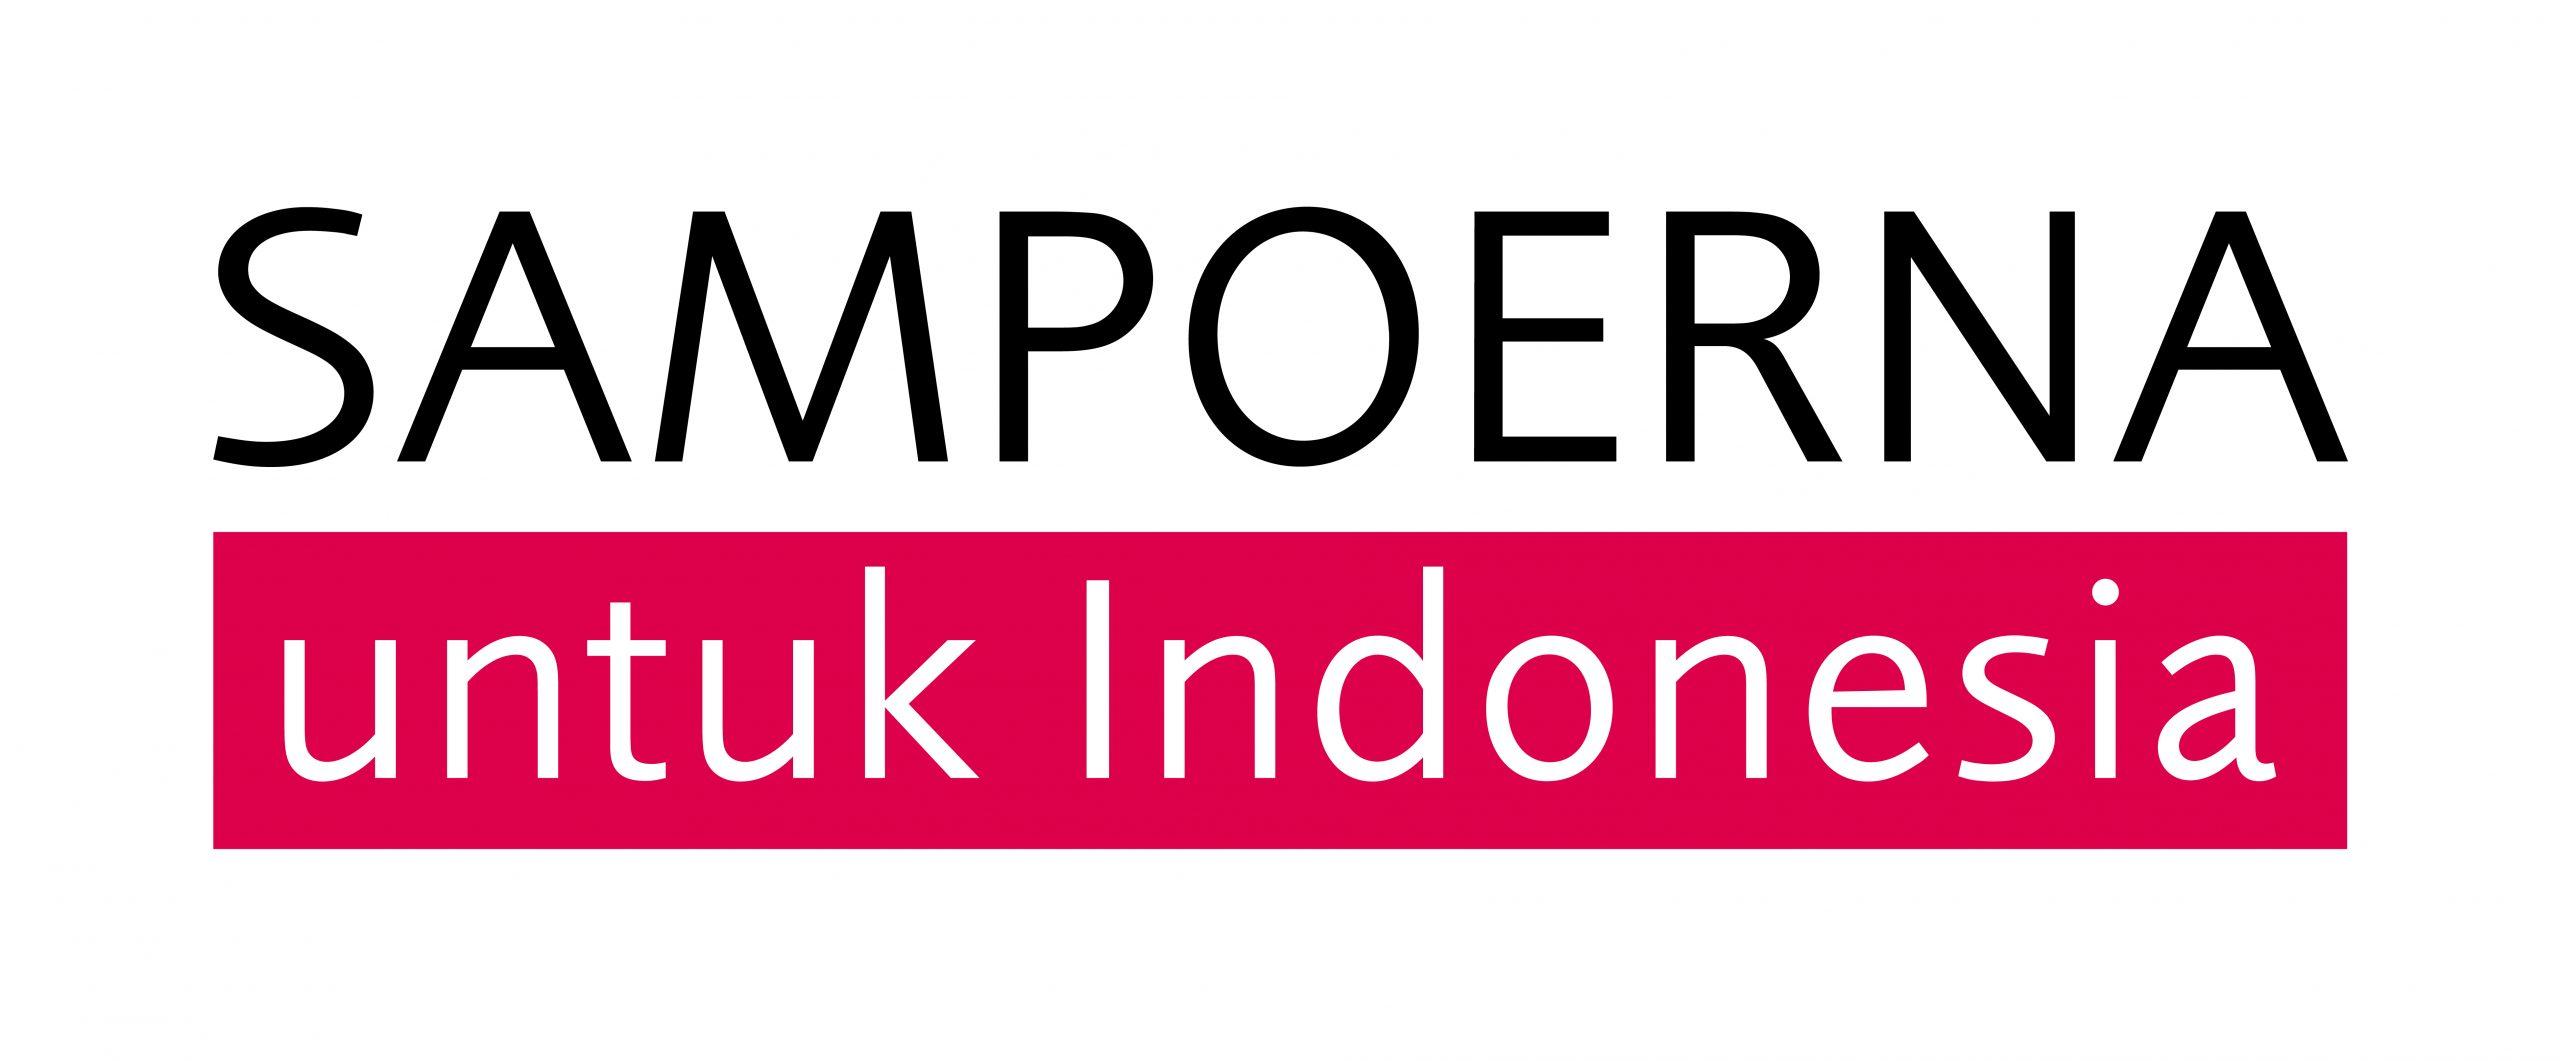 Sampoerna Untuk Indonesia